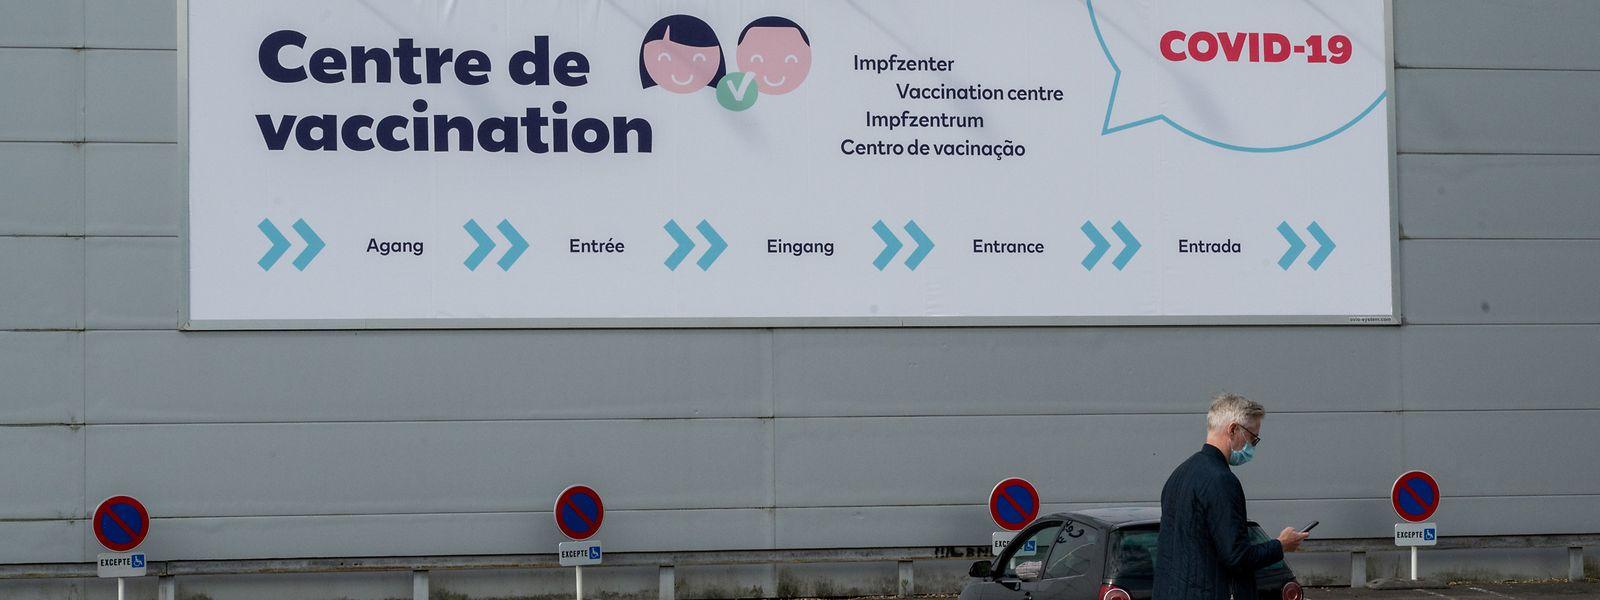 Sexto centro de vacinação abriu na semana passada na capital, em Kirchberg.